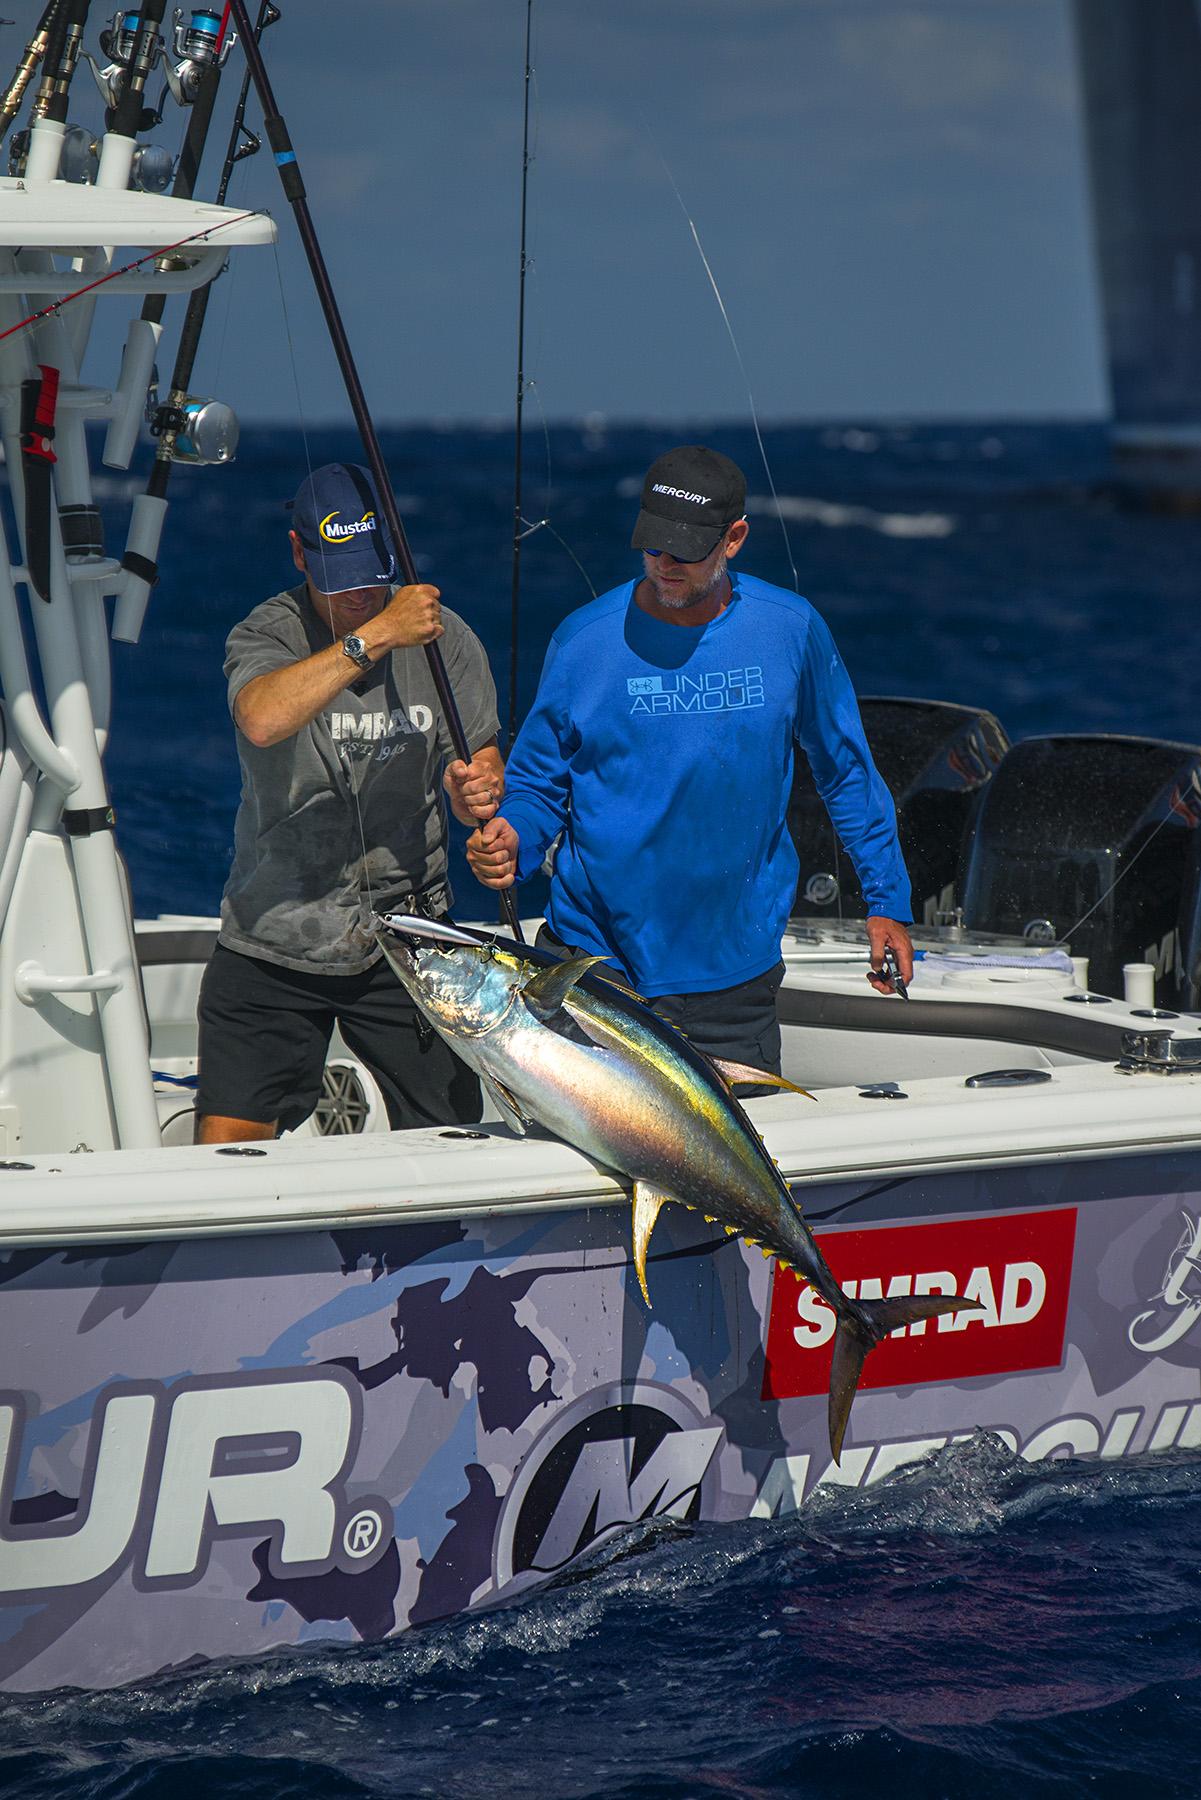 Billy and Steve lift scott's topwater fish on board.nikon d800, 200mm, f/5.0, 1/5000 sec